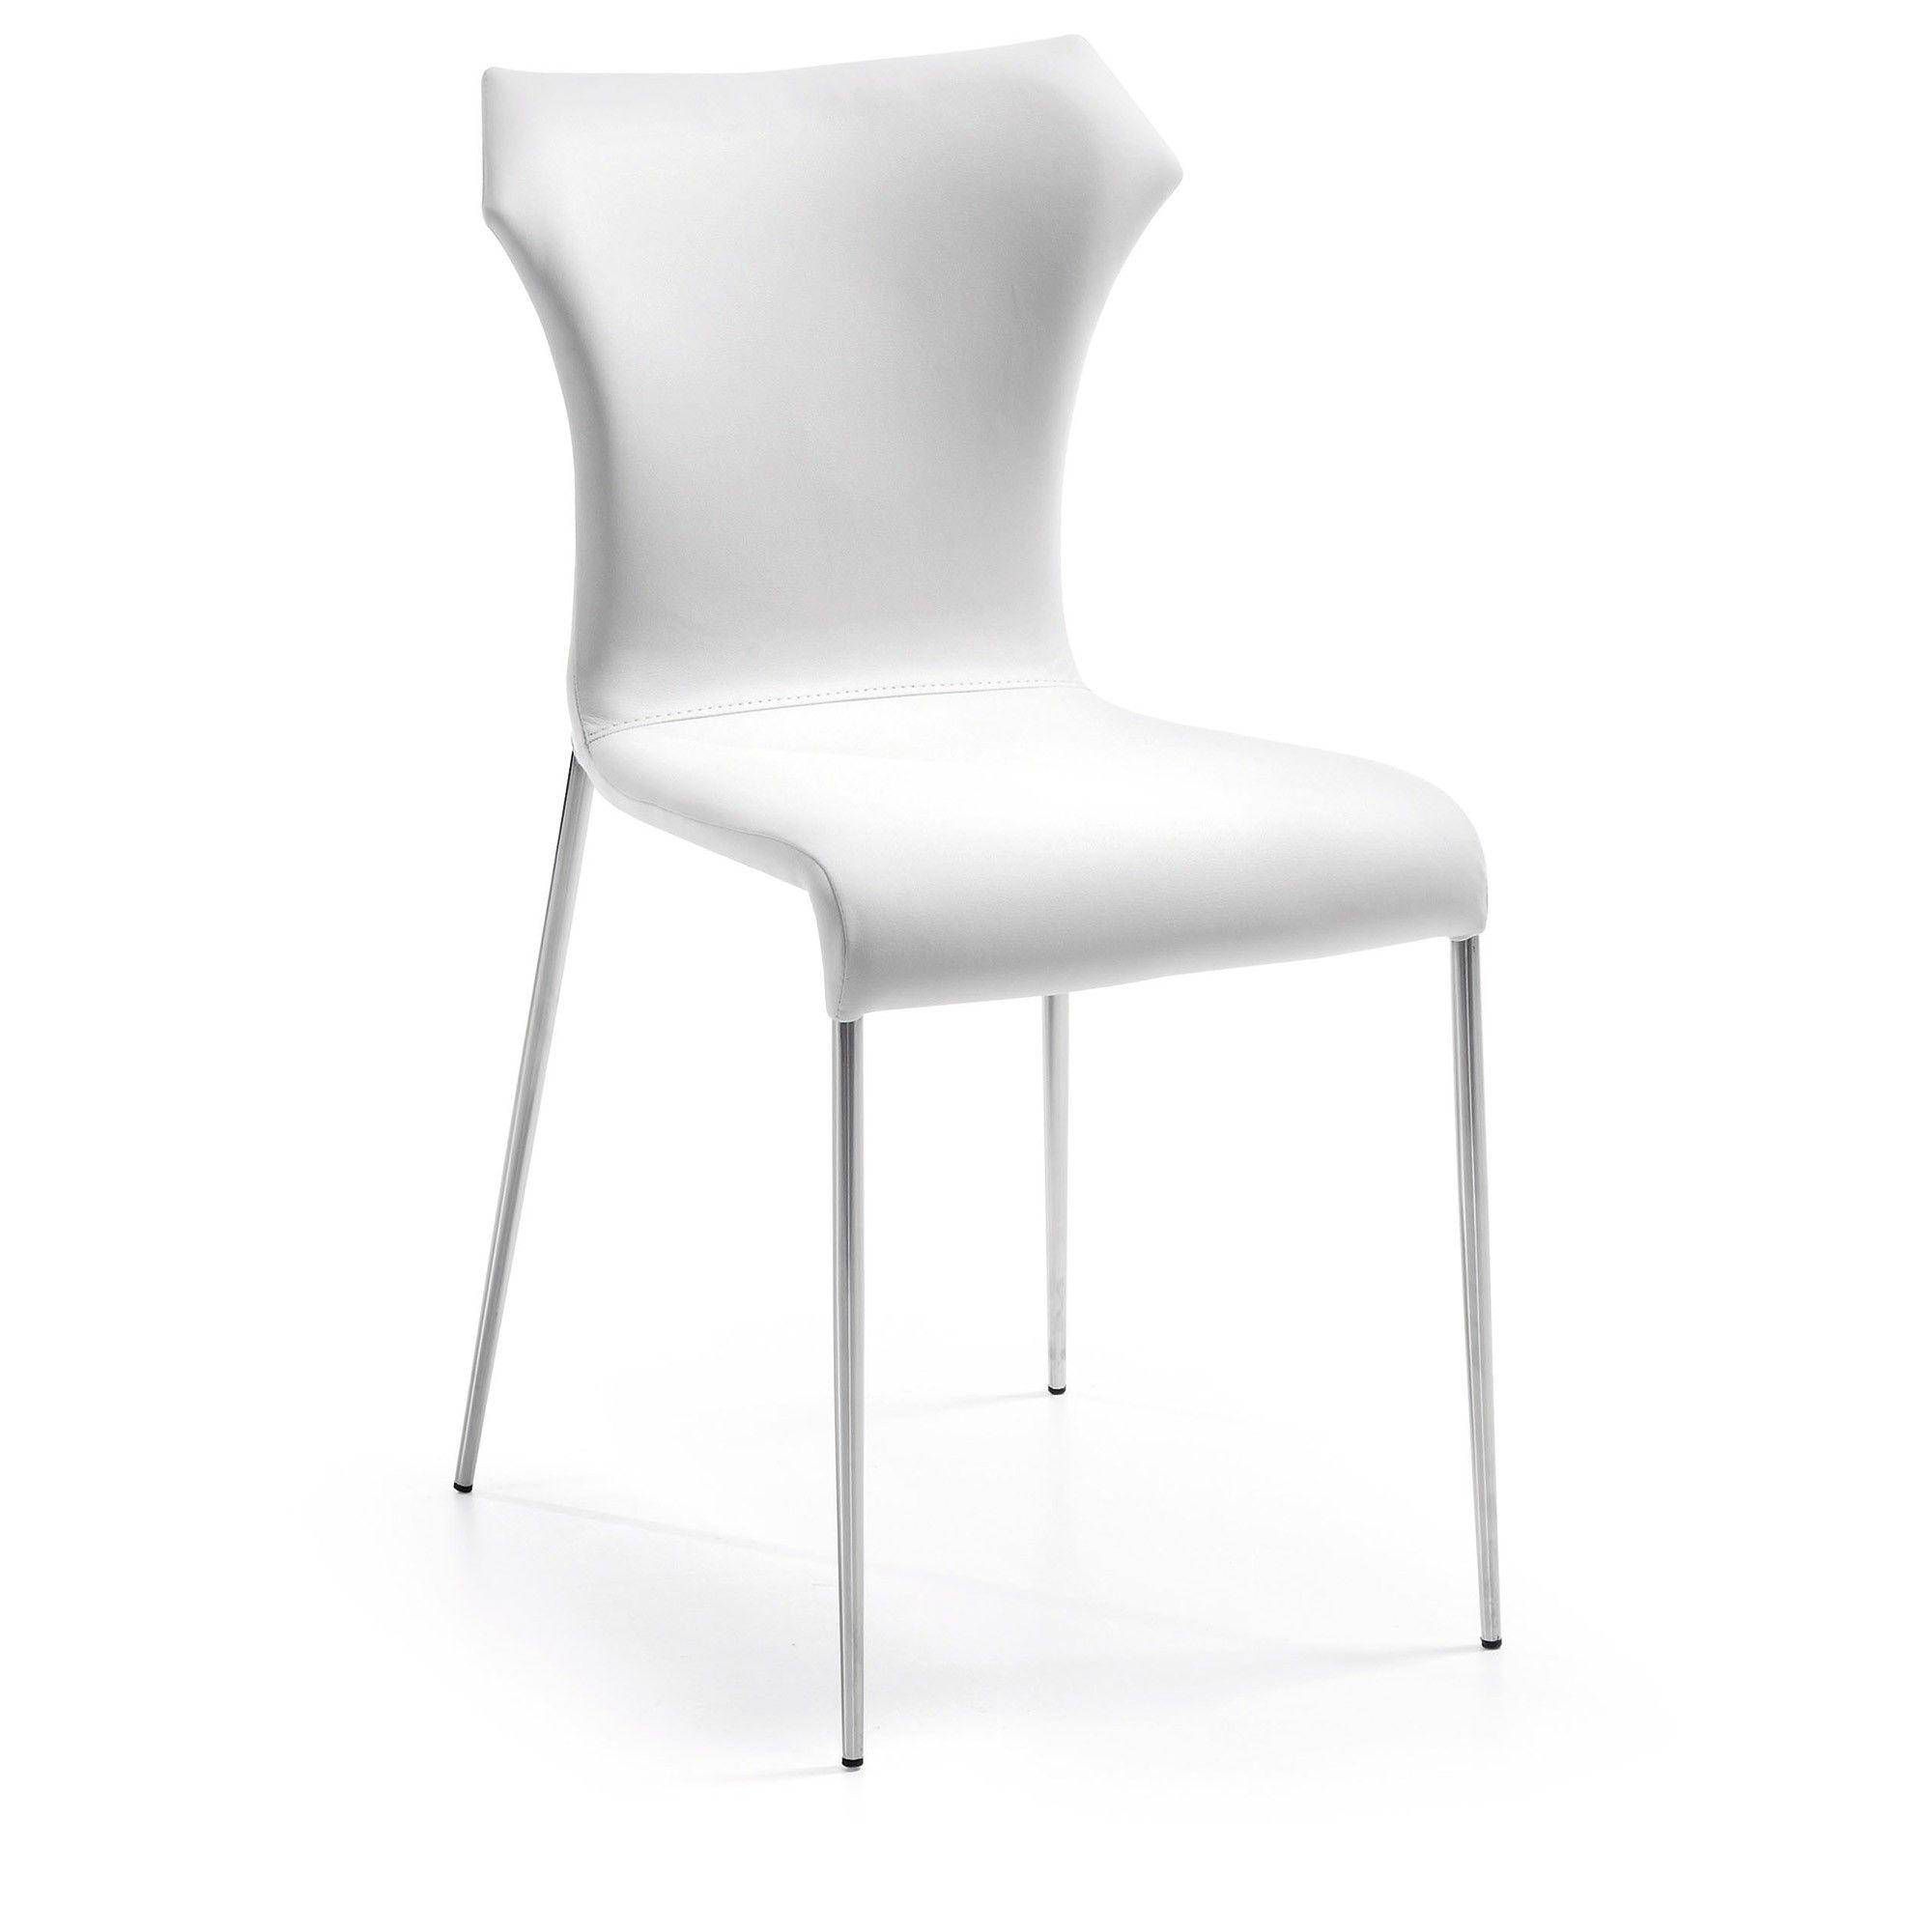 Silla Albert blanco | Sillas, Comprar sillas y Blanco